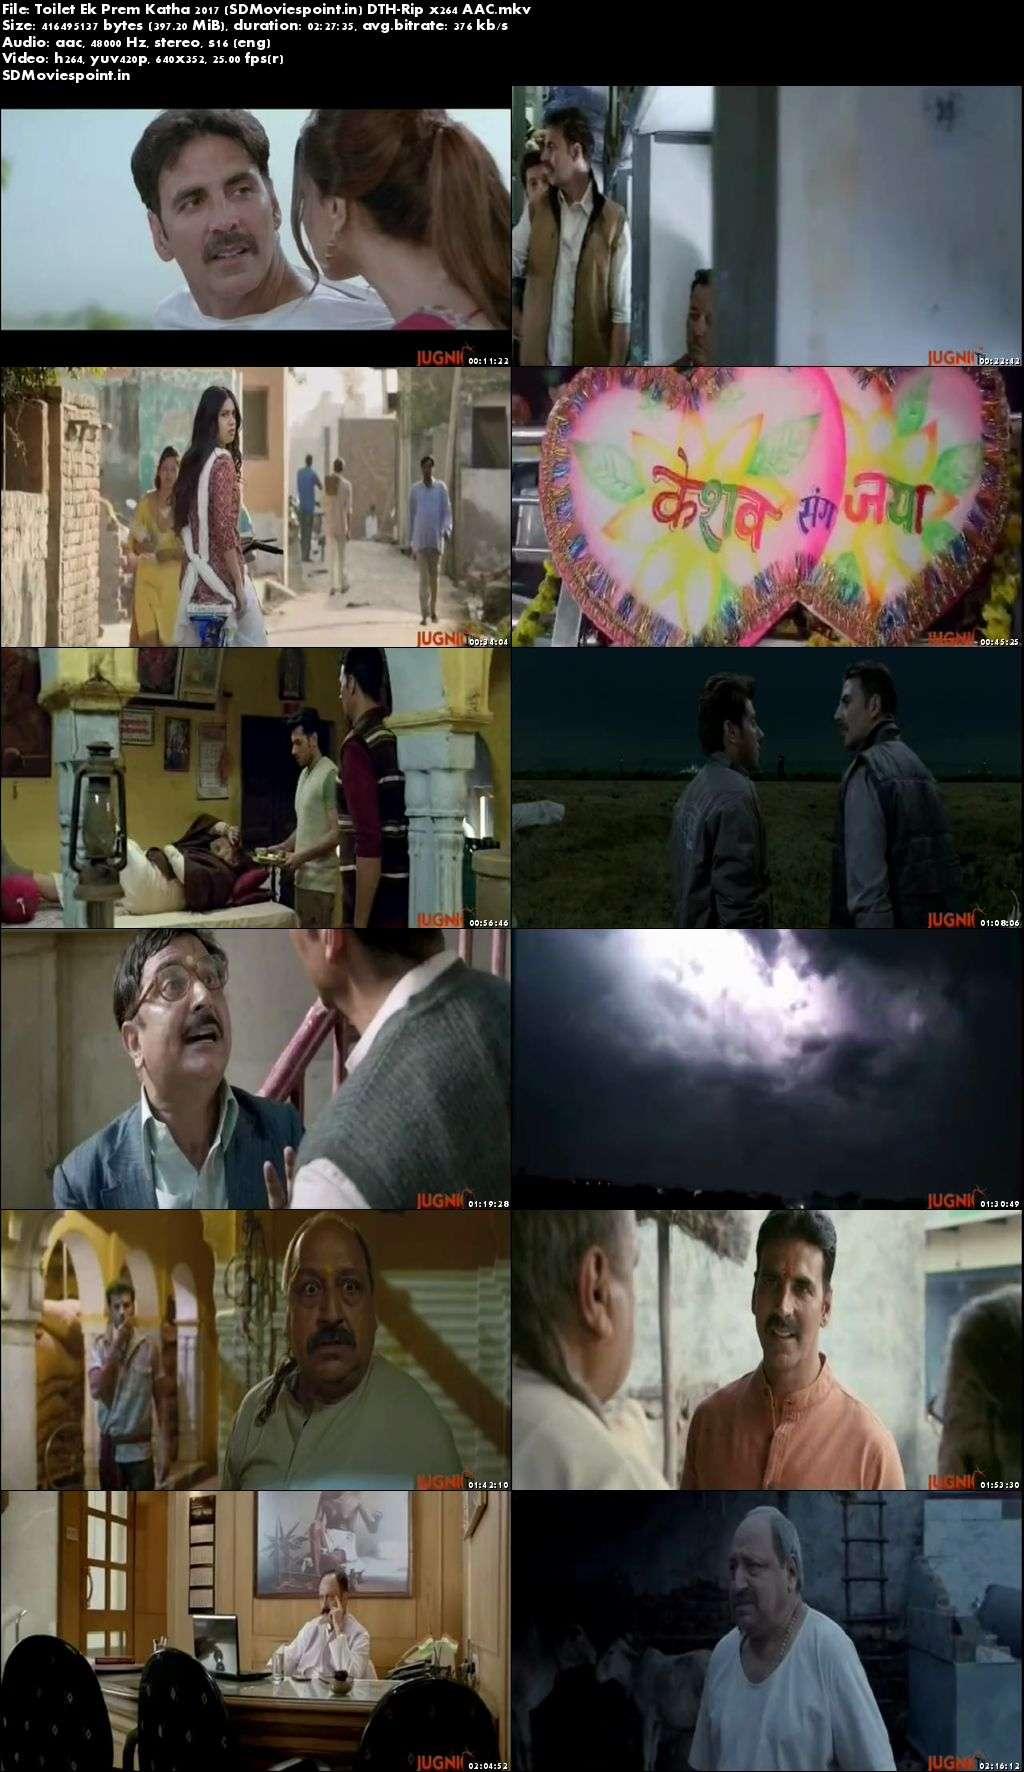 Screen Shots Toilet Ek Prem Katha 2017 300MB Movie Download HD Free